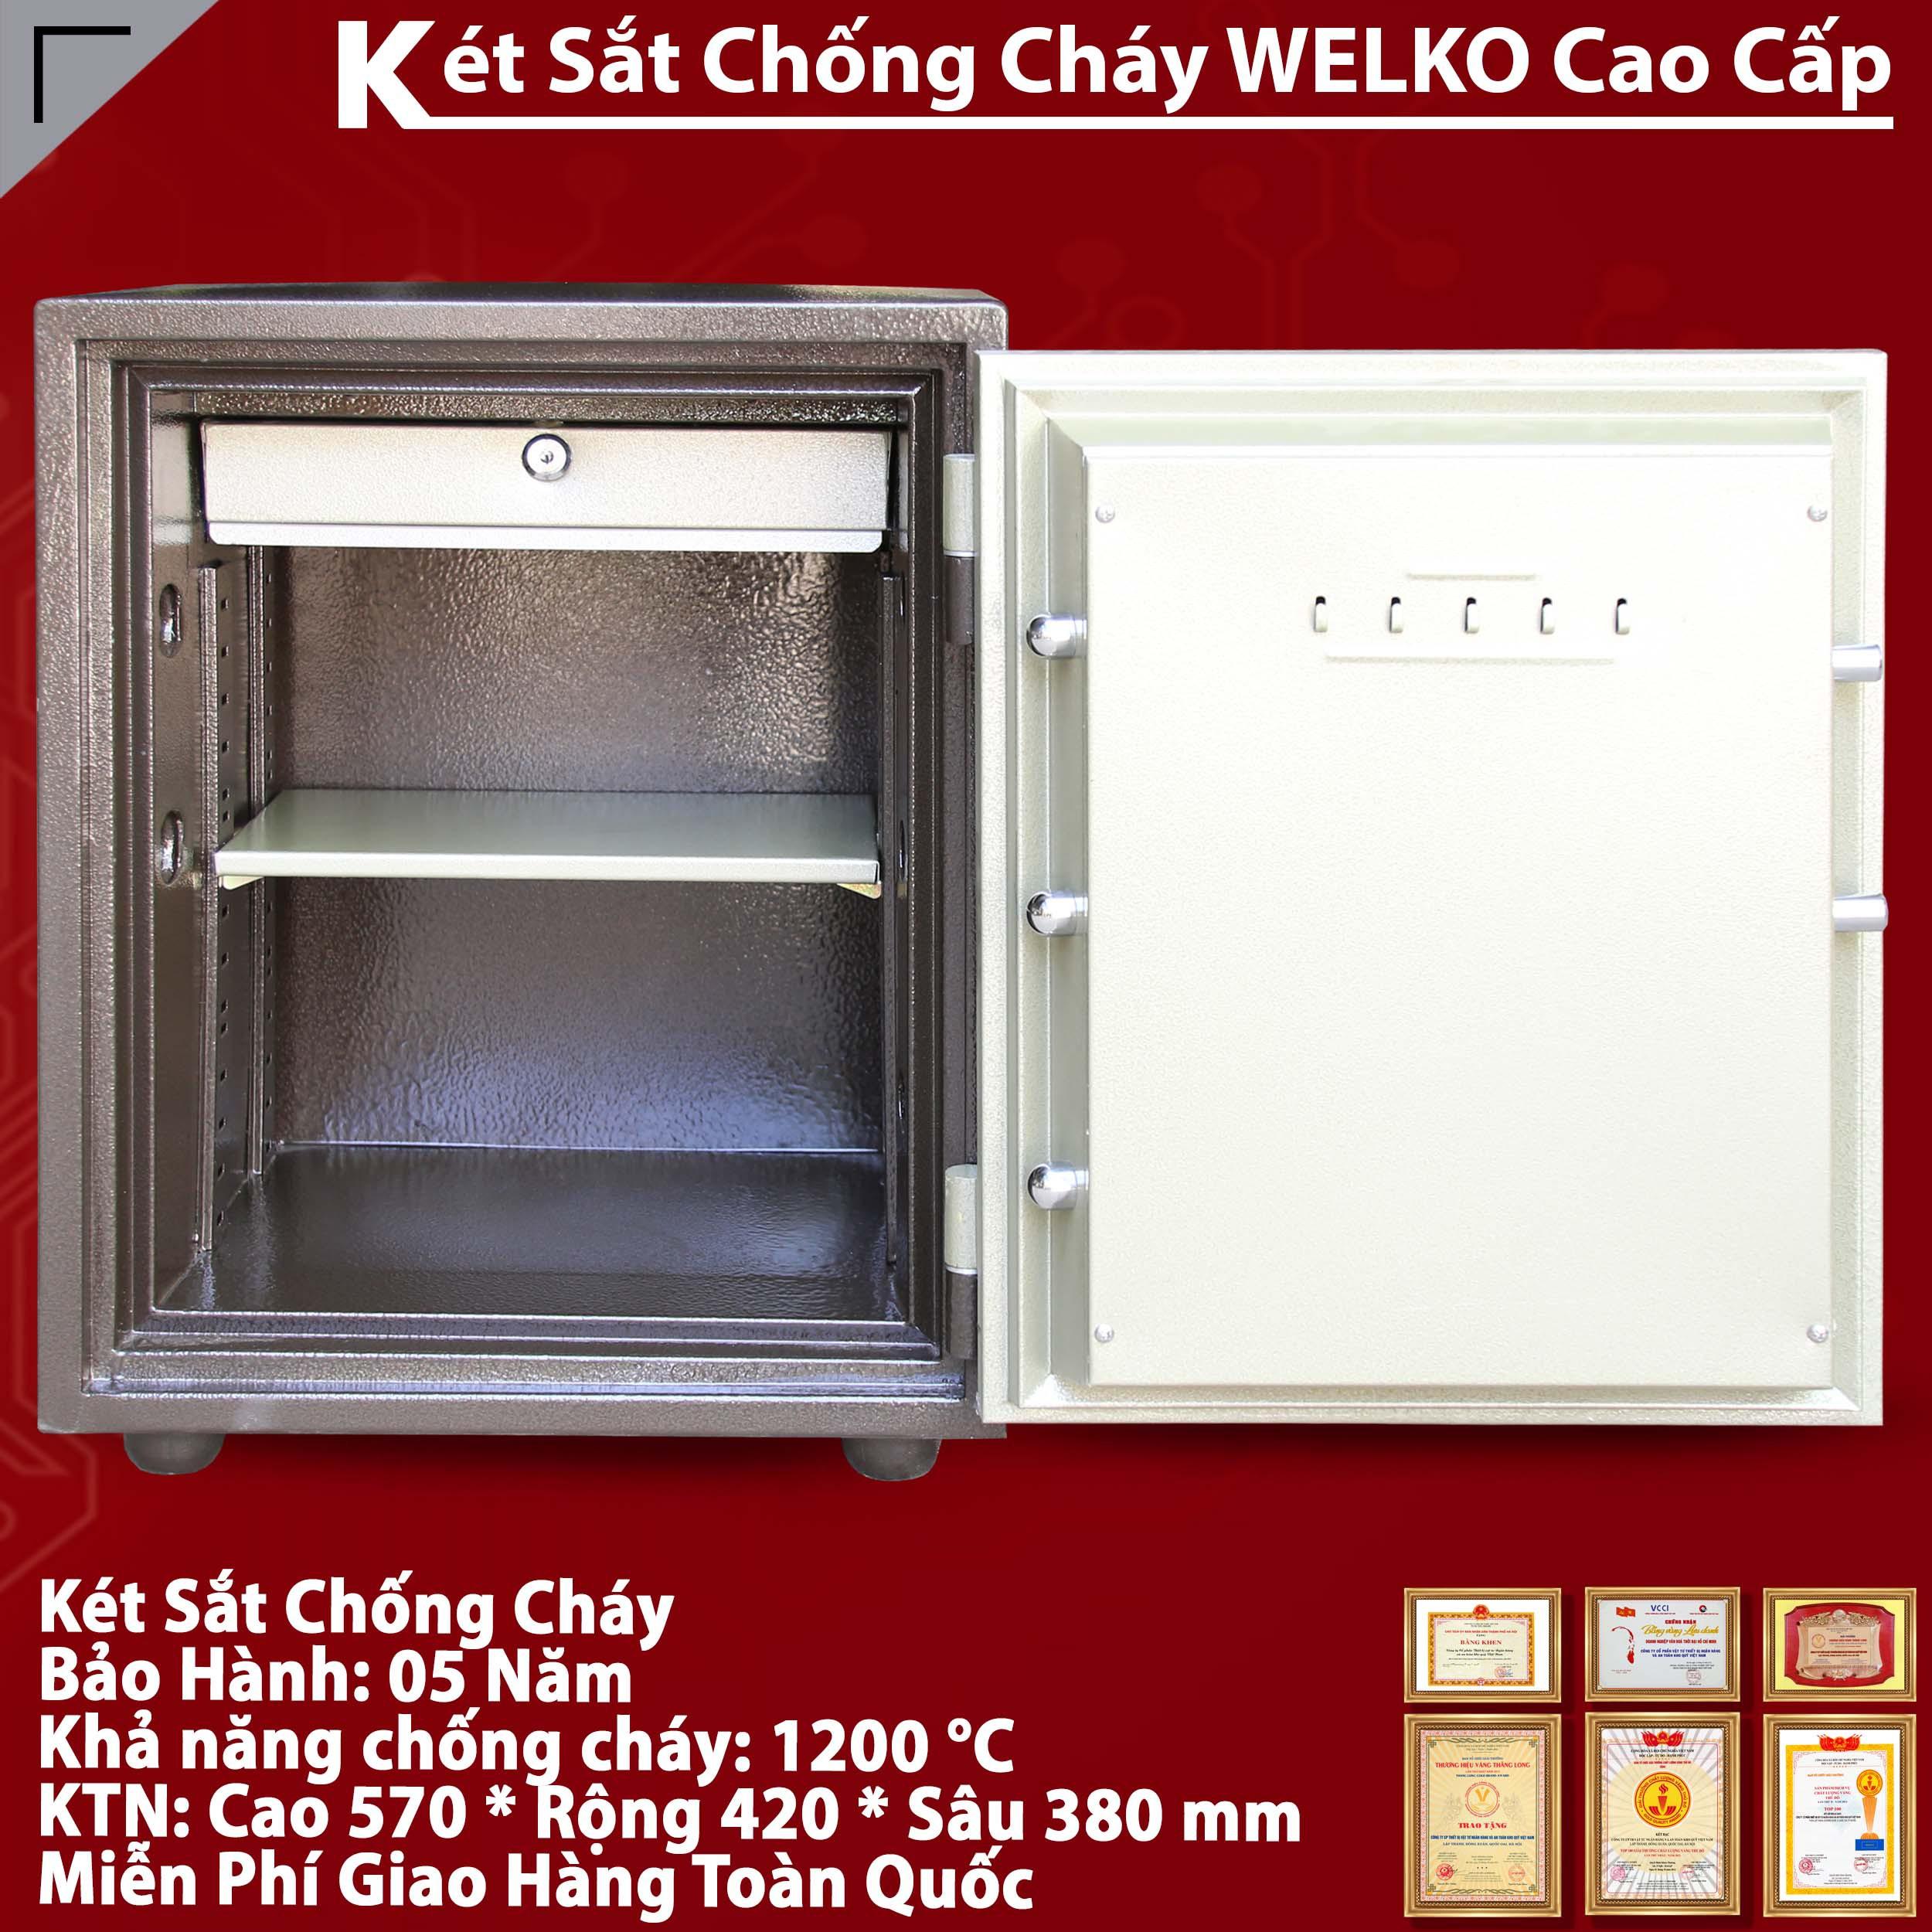 Ket-sat-bao-dong-chinh-hang